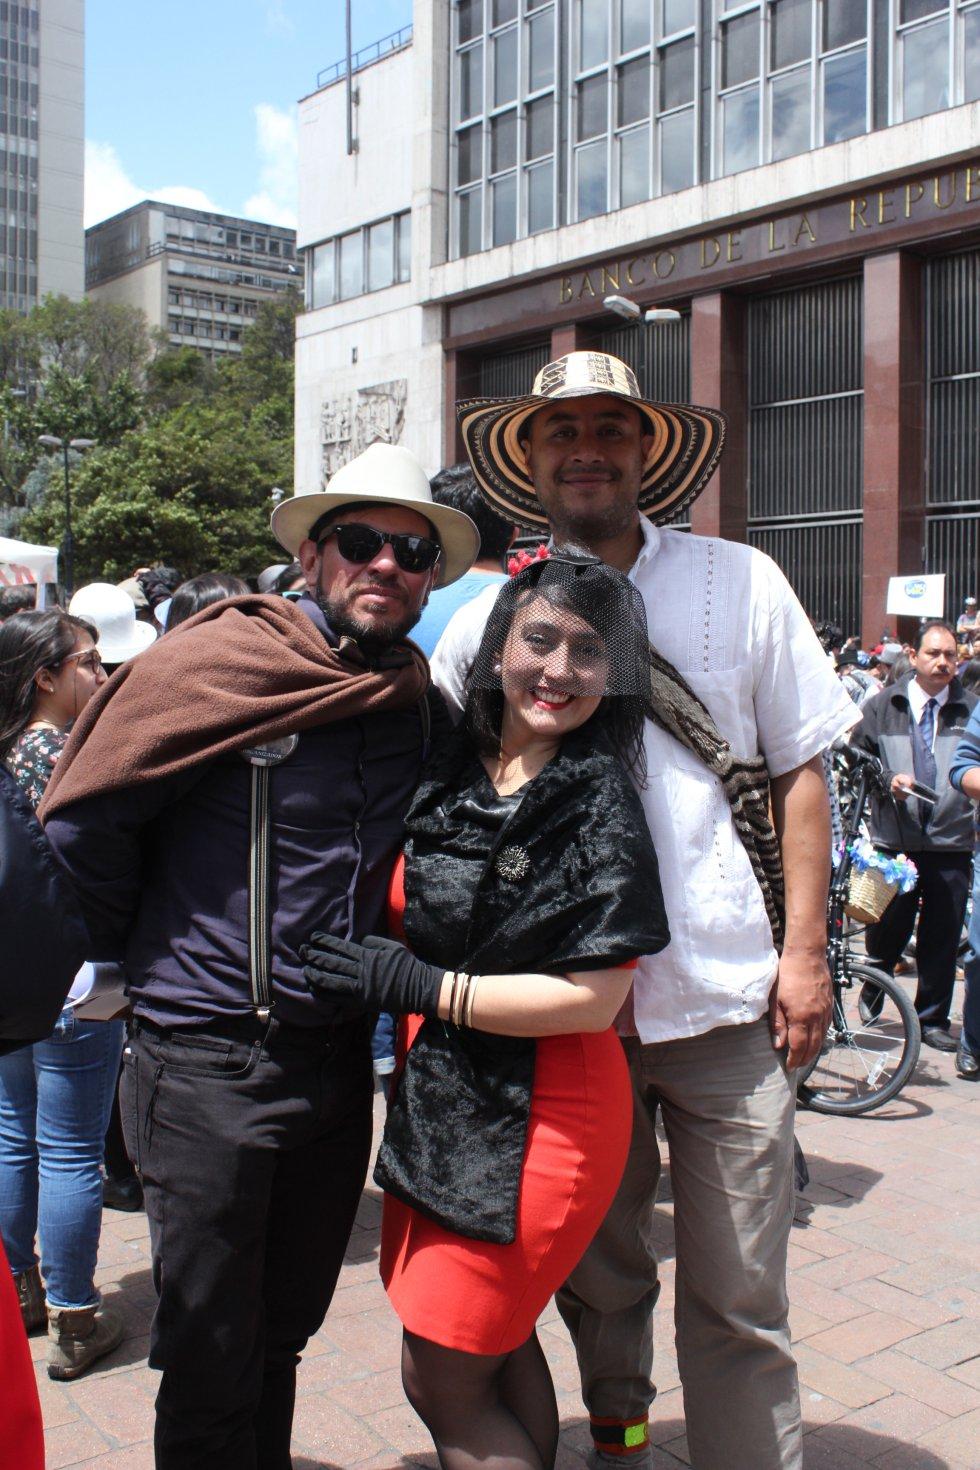 Este evento se celebra acá año desde el 2011 en la ciudad de Bogotá.